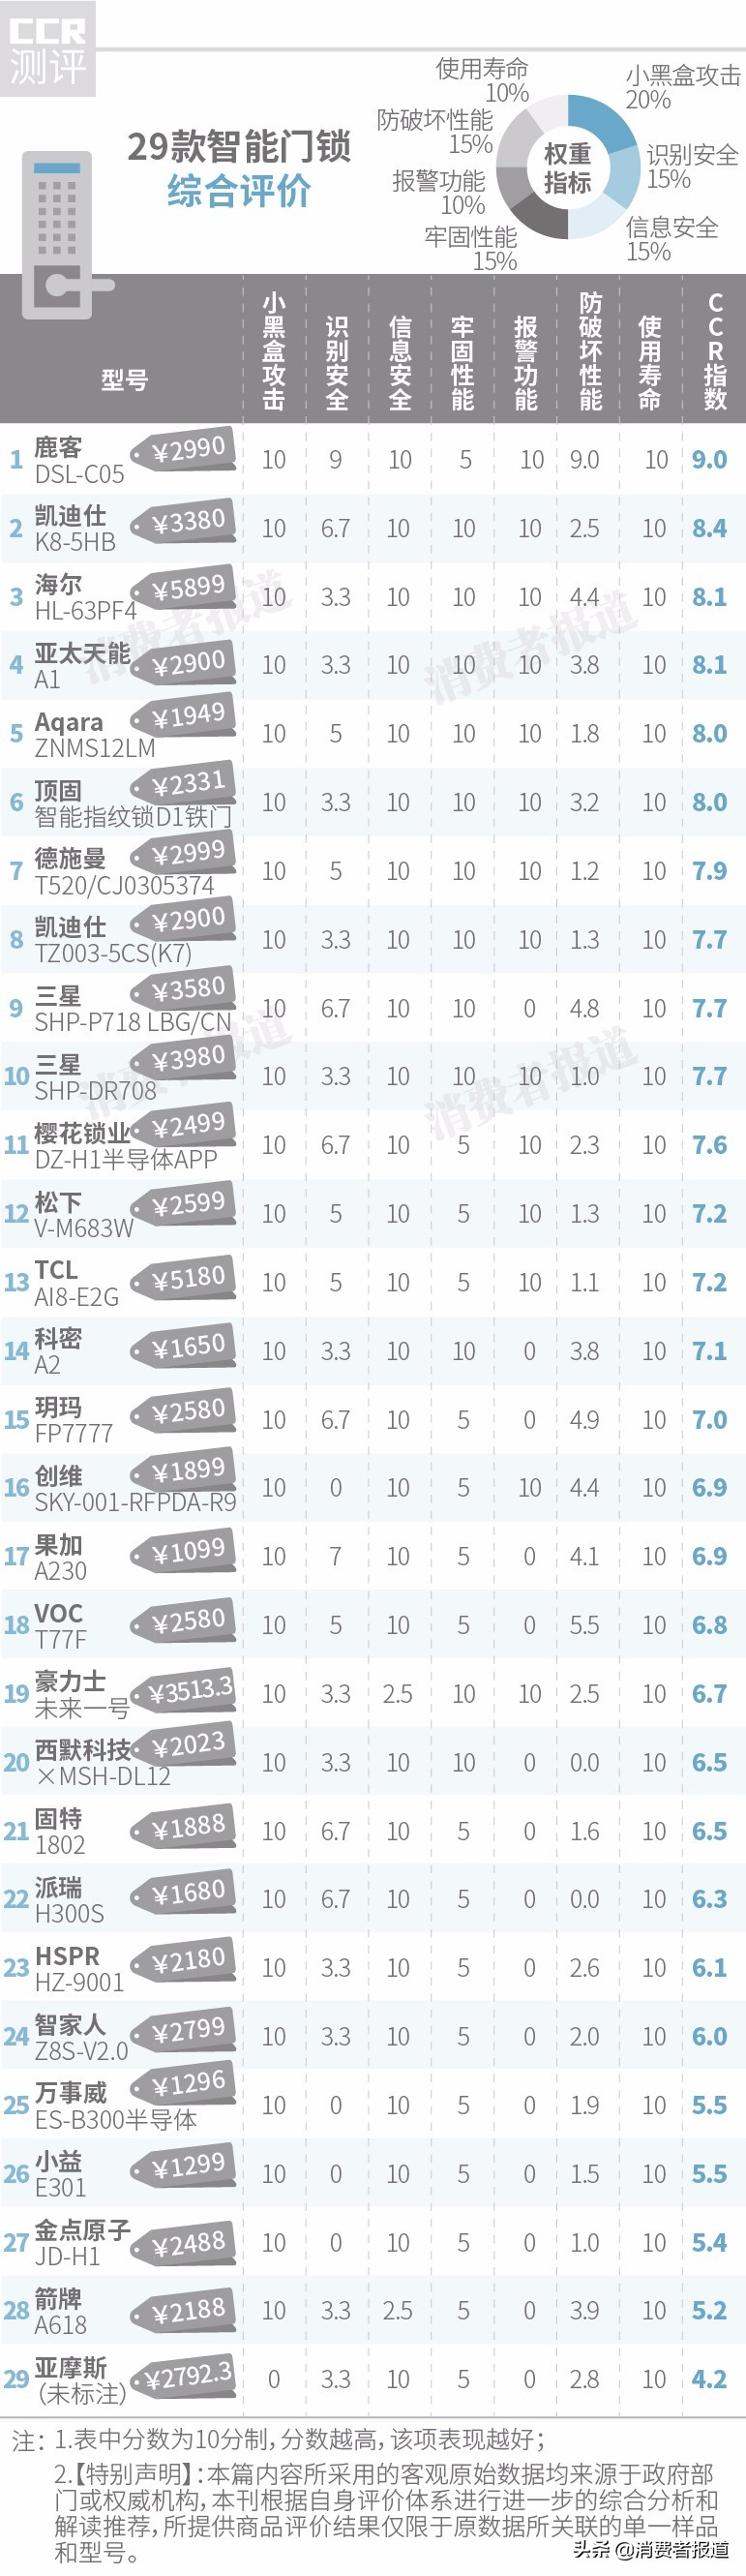 29款智能门锁对比:1款被轻松攻破,三星、松下、TCL等大牌表现一般